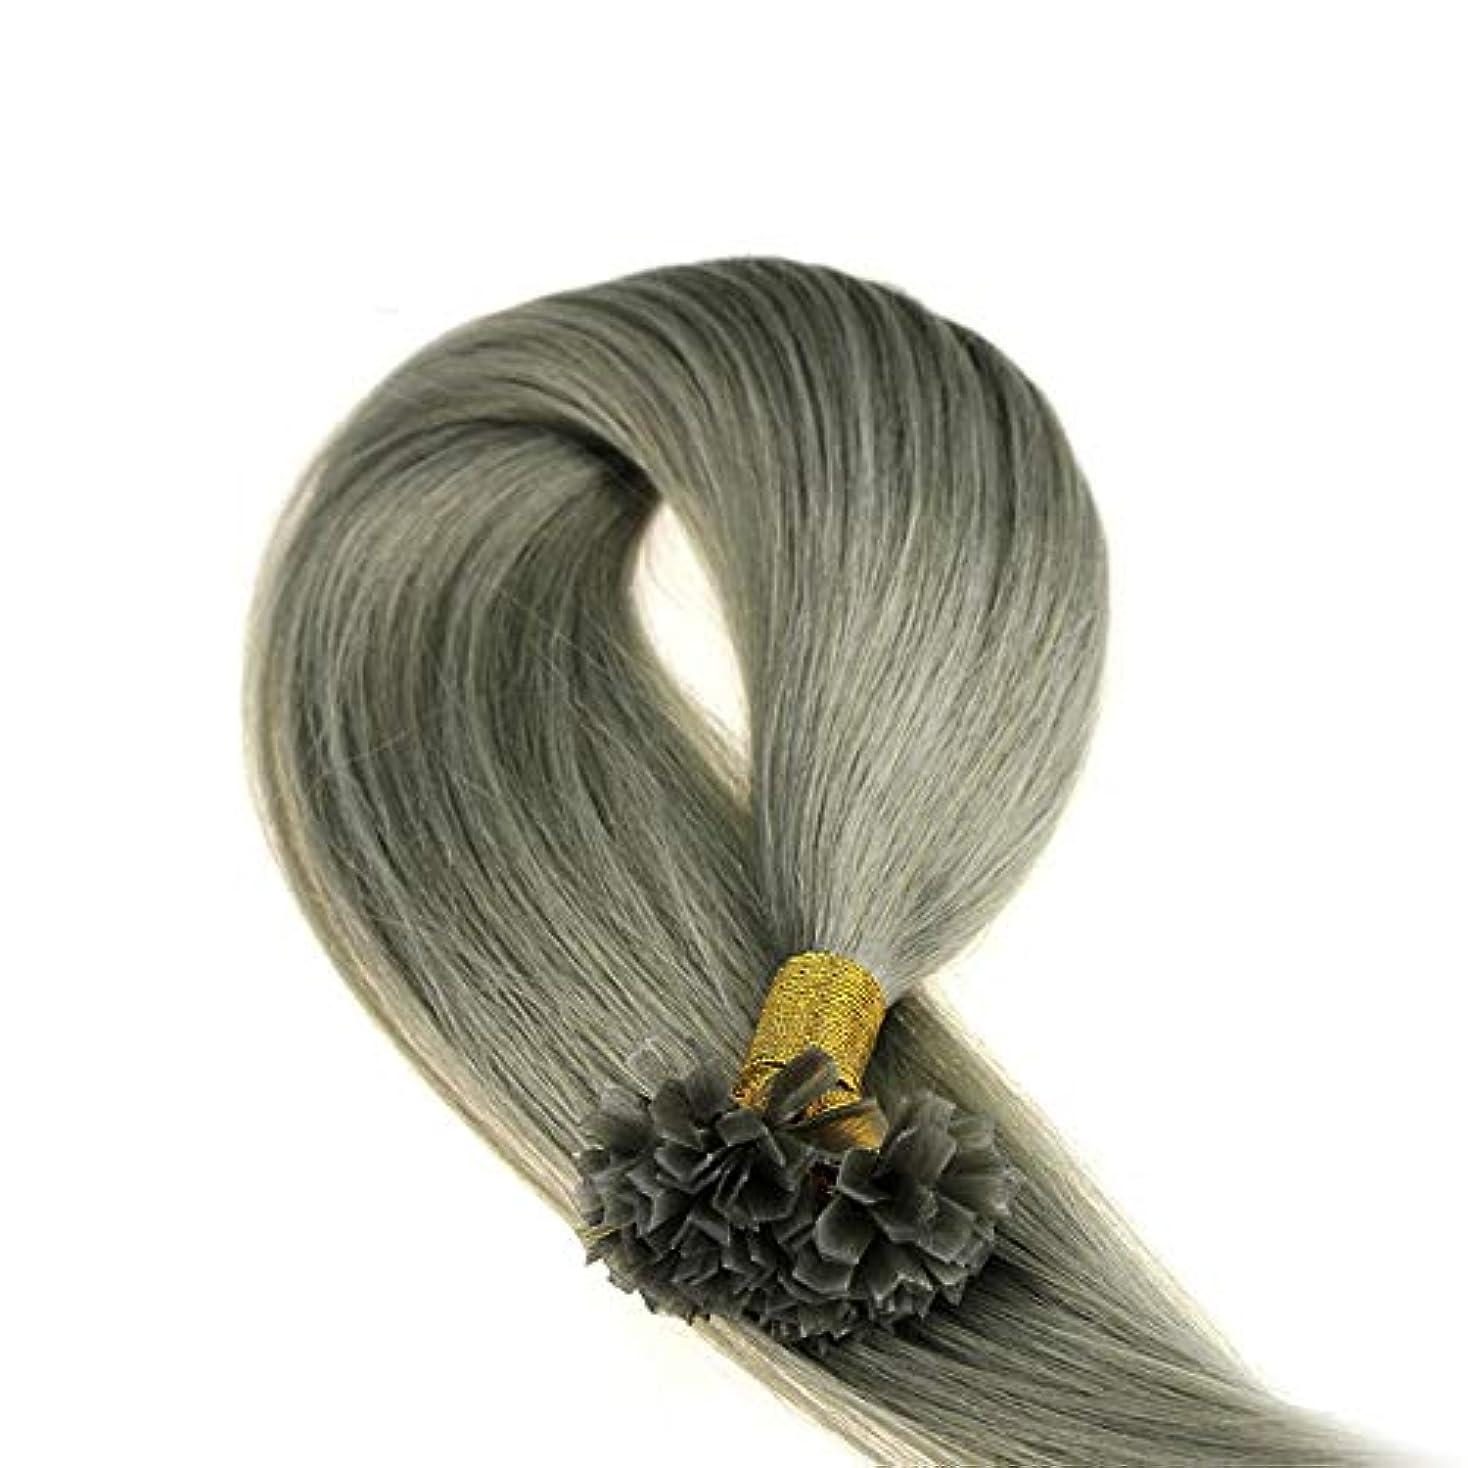 熟した傀儡アジアJULYTER ナノリングヘアエクステンショングレーミックスカラーデュアル描画人間Vヒントネイルヘアエクステンション (色 : グレー, サイズ : 24 inch)